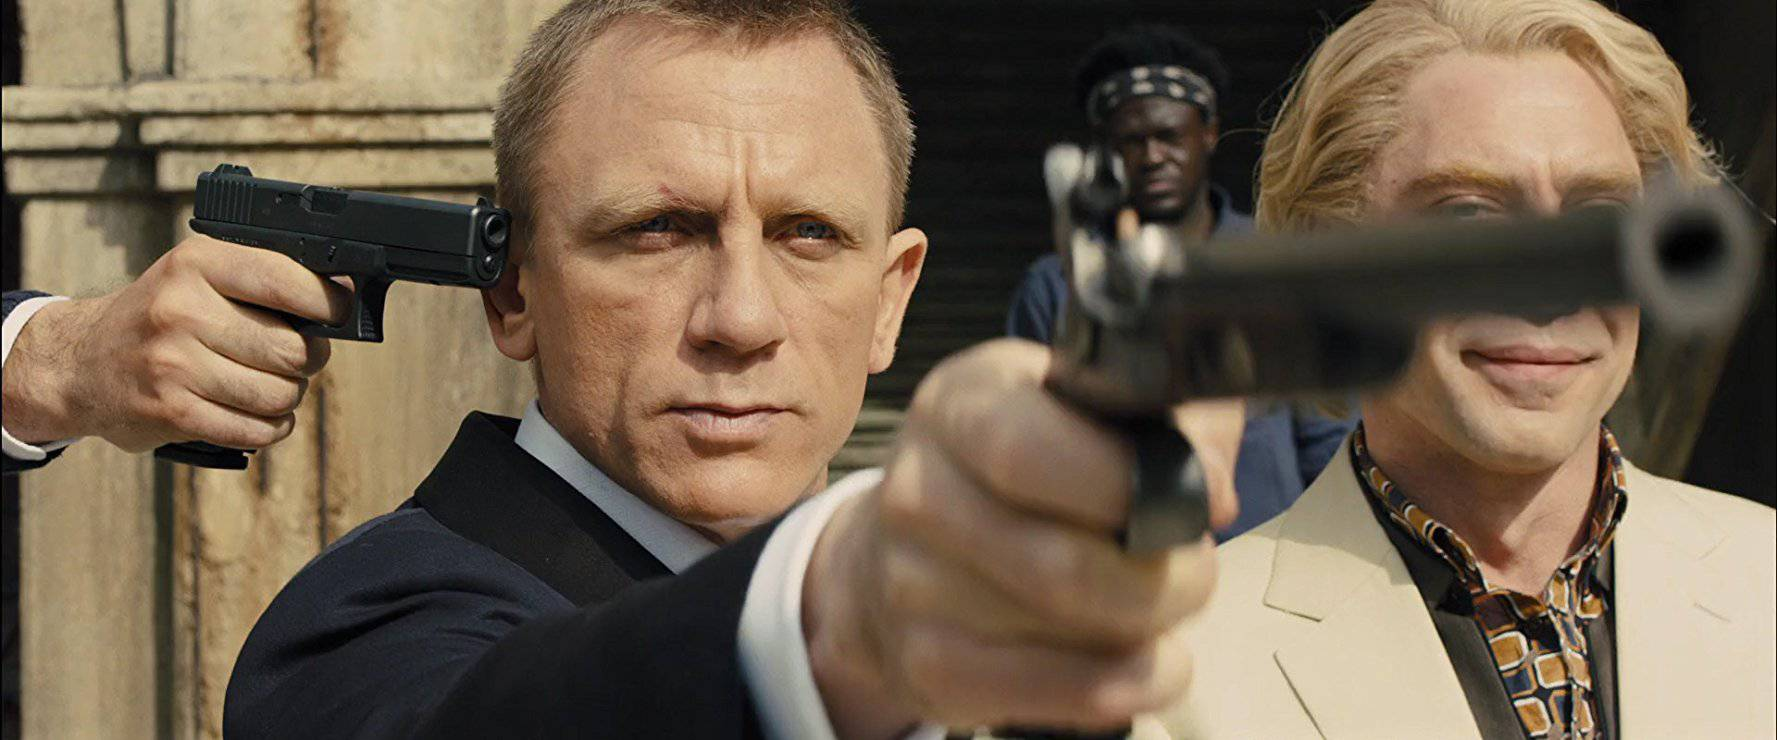 Daniel Craig će ipak utjeloviti Bonda: 'Sve je to zbog love...'